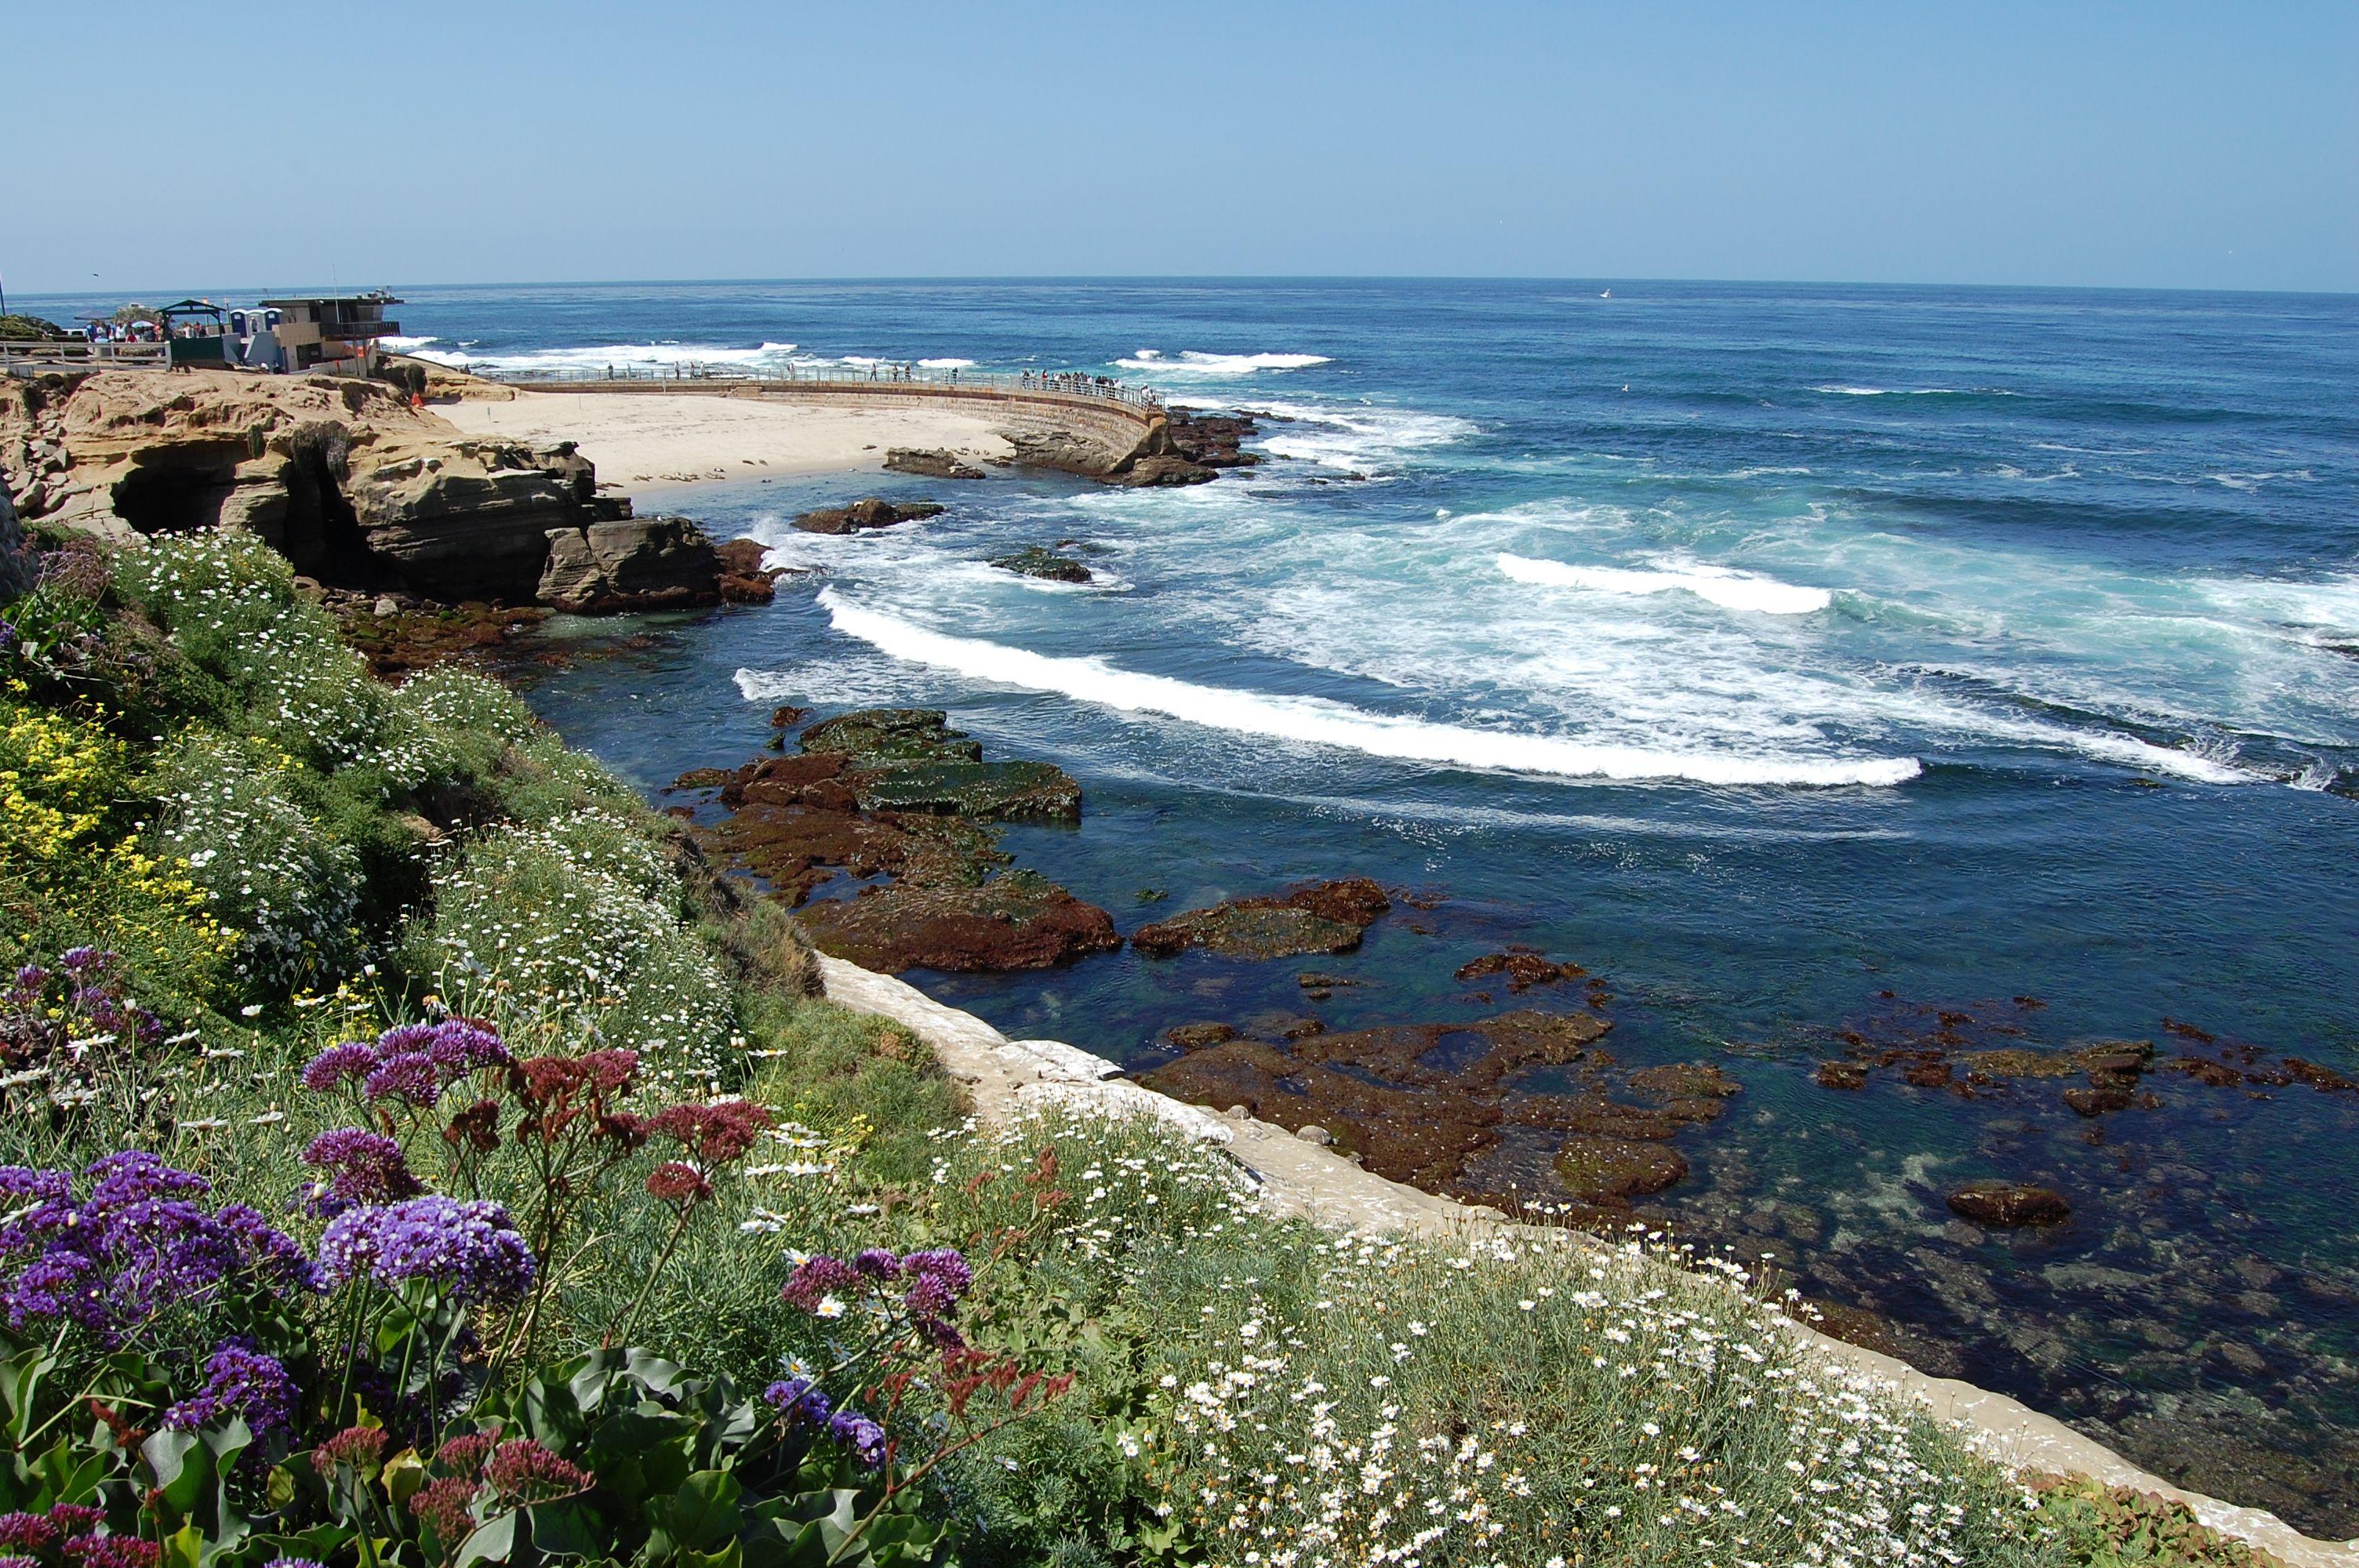 La Jolla | Councilmember Barbara Bry (District 1) - San Diego